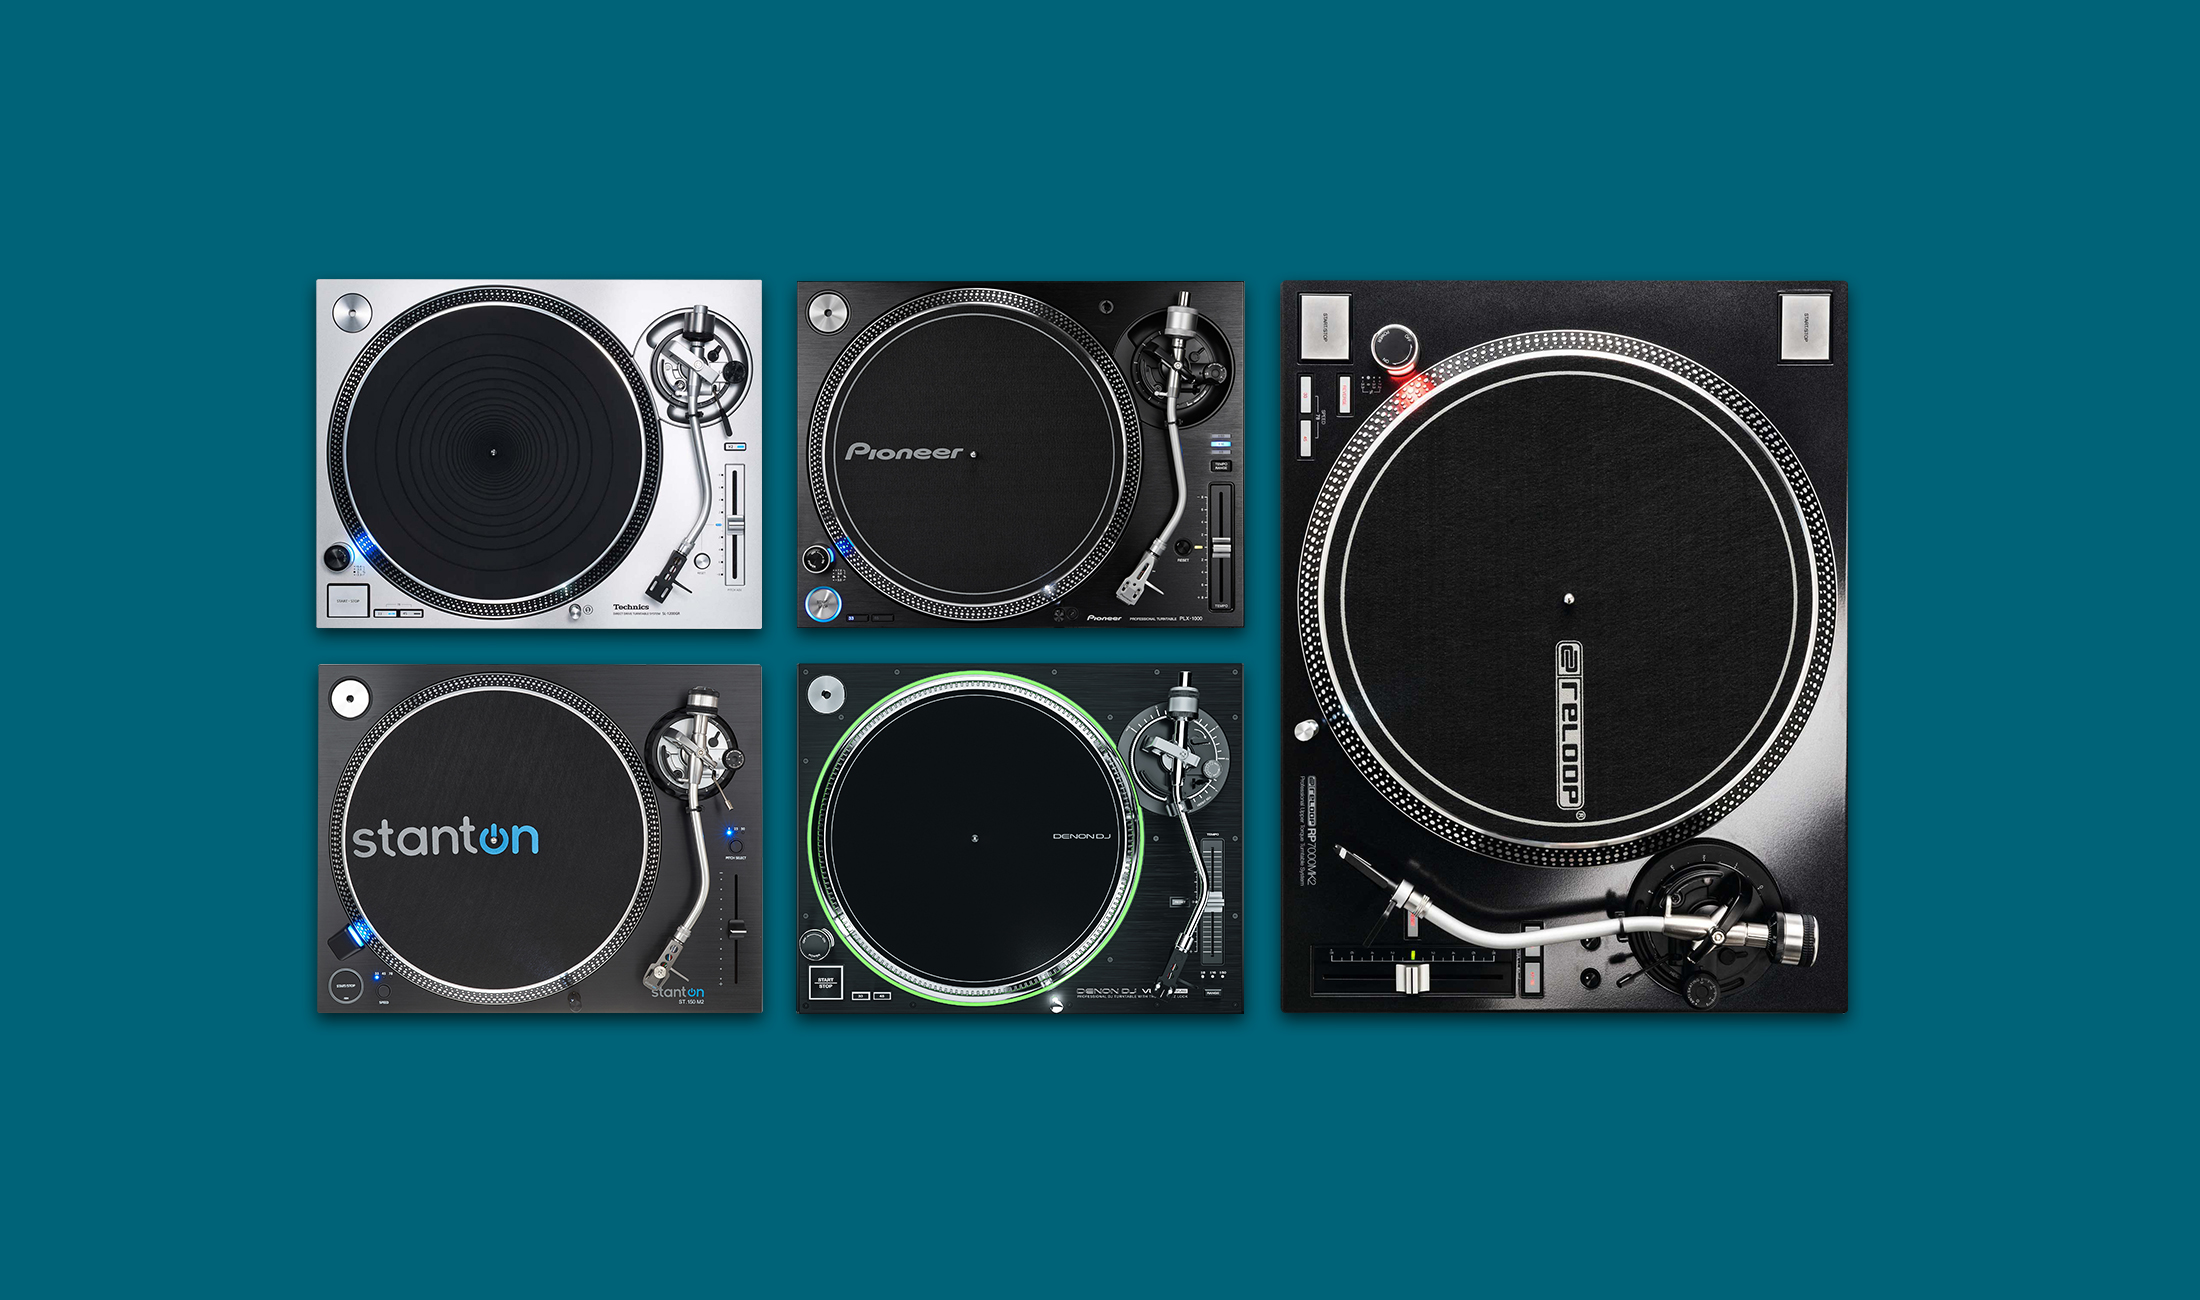 Überblick: Die fünf besten Plattenspieler für DJs